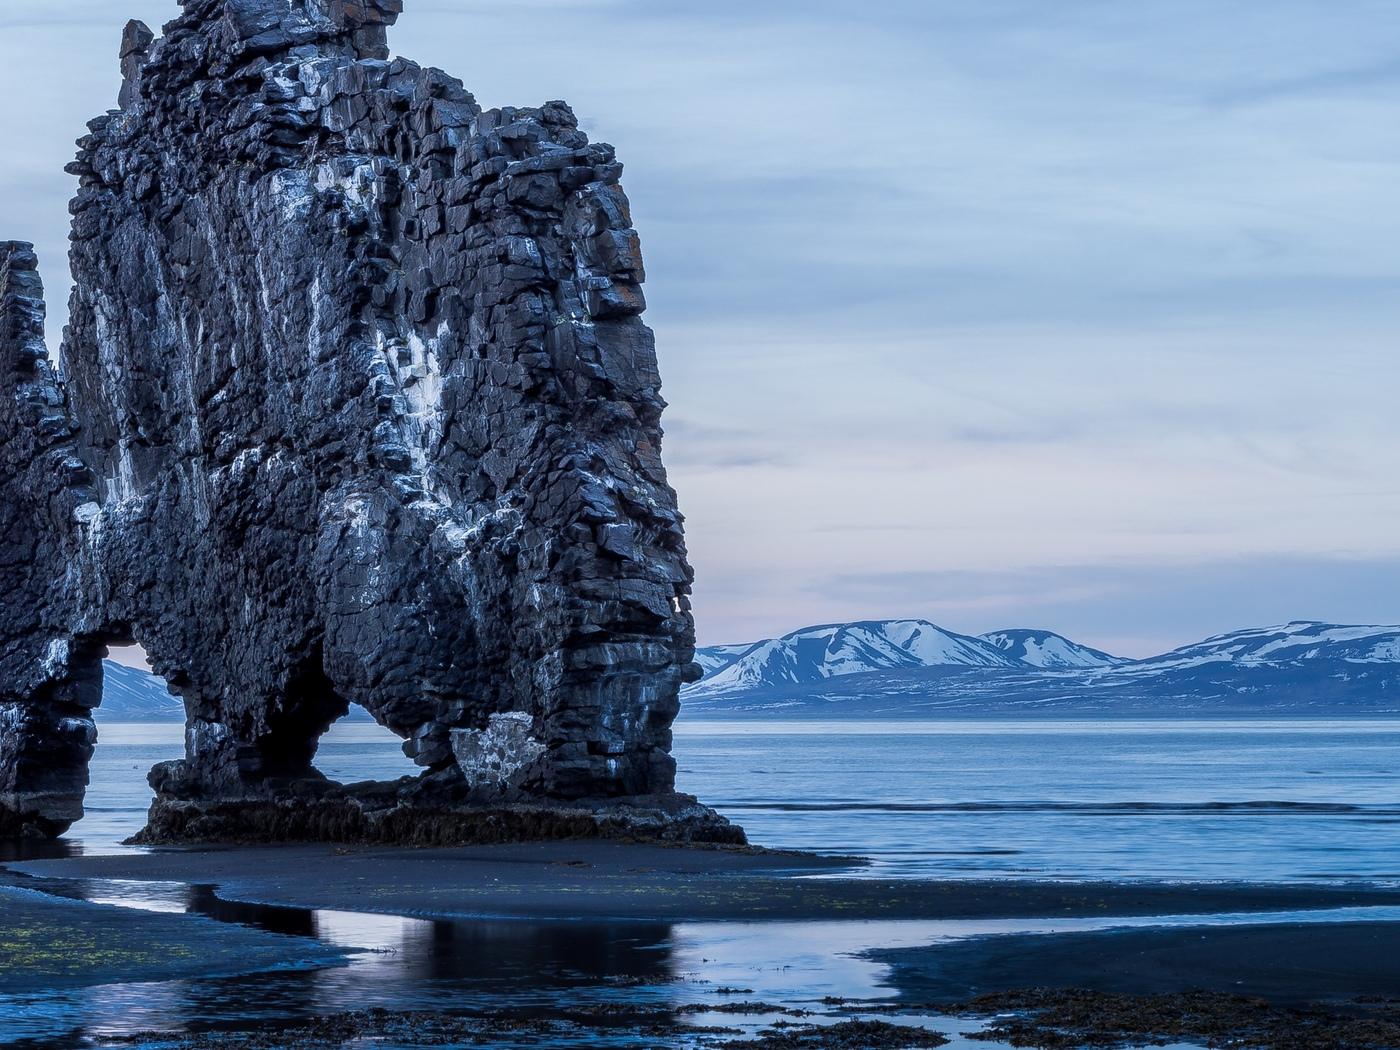 скалы, побережье, берег, вода, горы